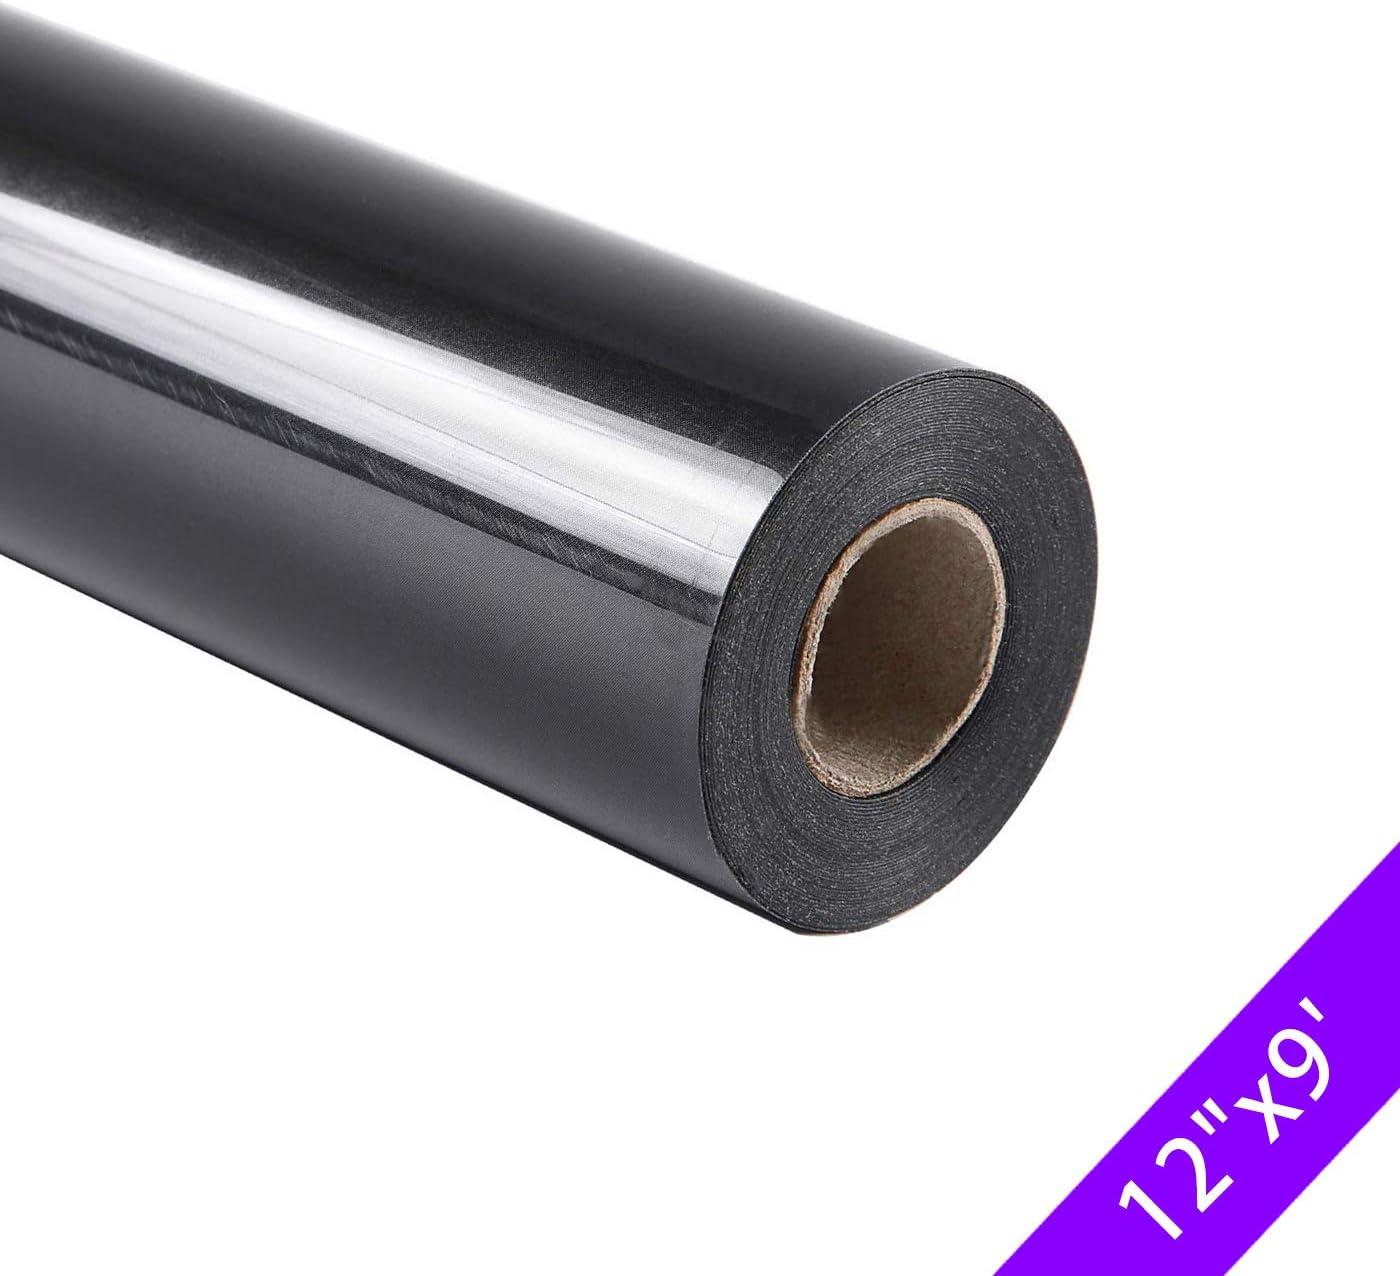 Rollo de vinilo adhesivo de PVC para transferencia de calor, 12 pulgadas x 9 pies: Amazon.es: Juguetes y juegos